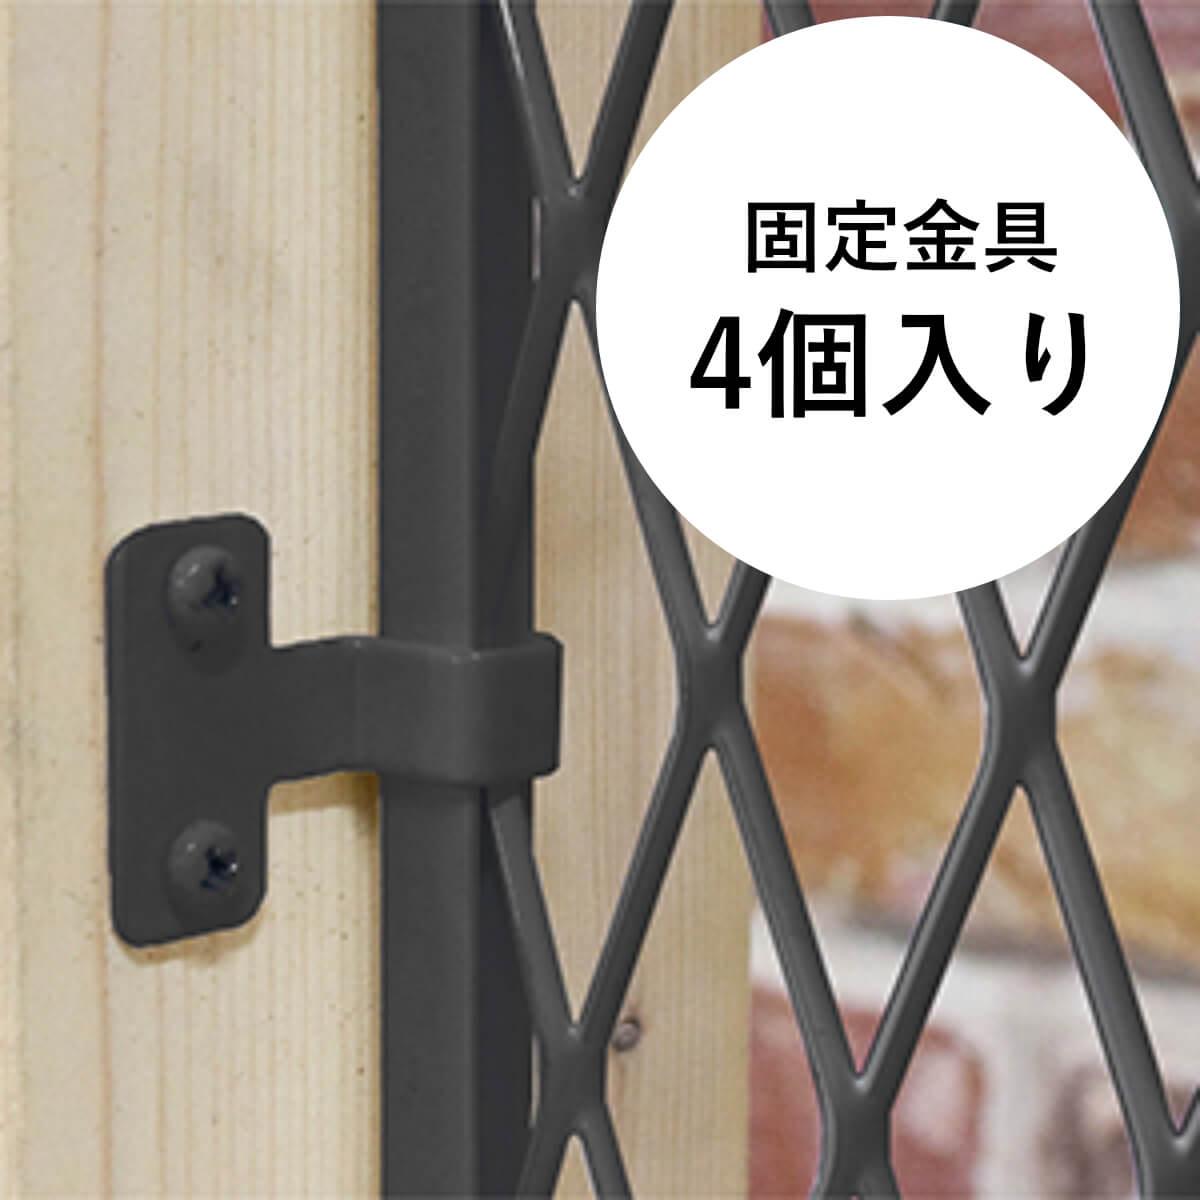 パネル固定金具 木材用 Lacety(ラスティー)専用 黒 1セット